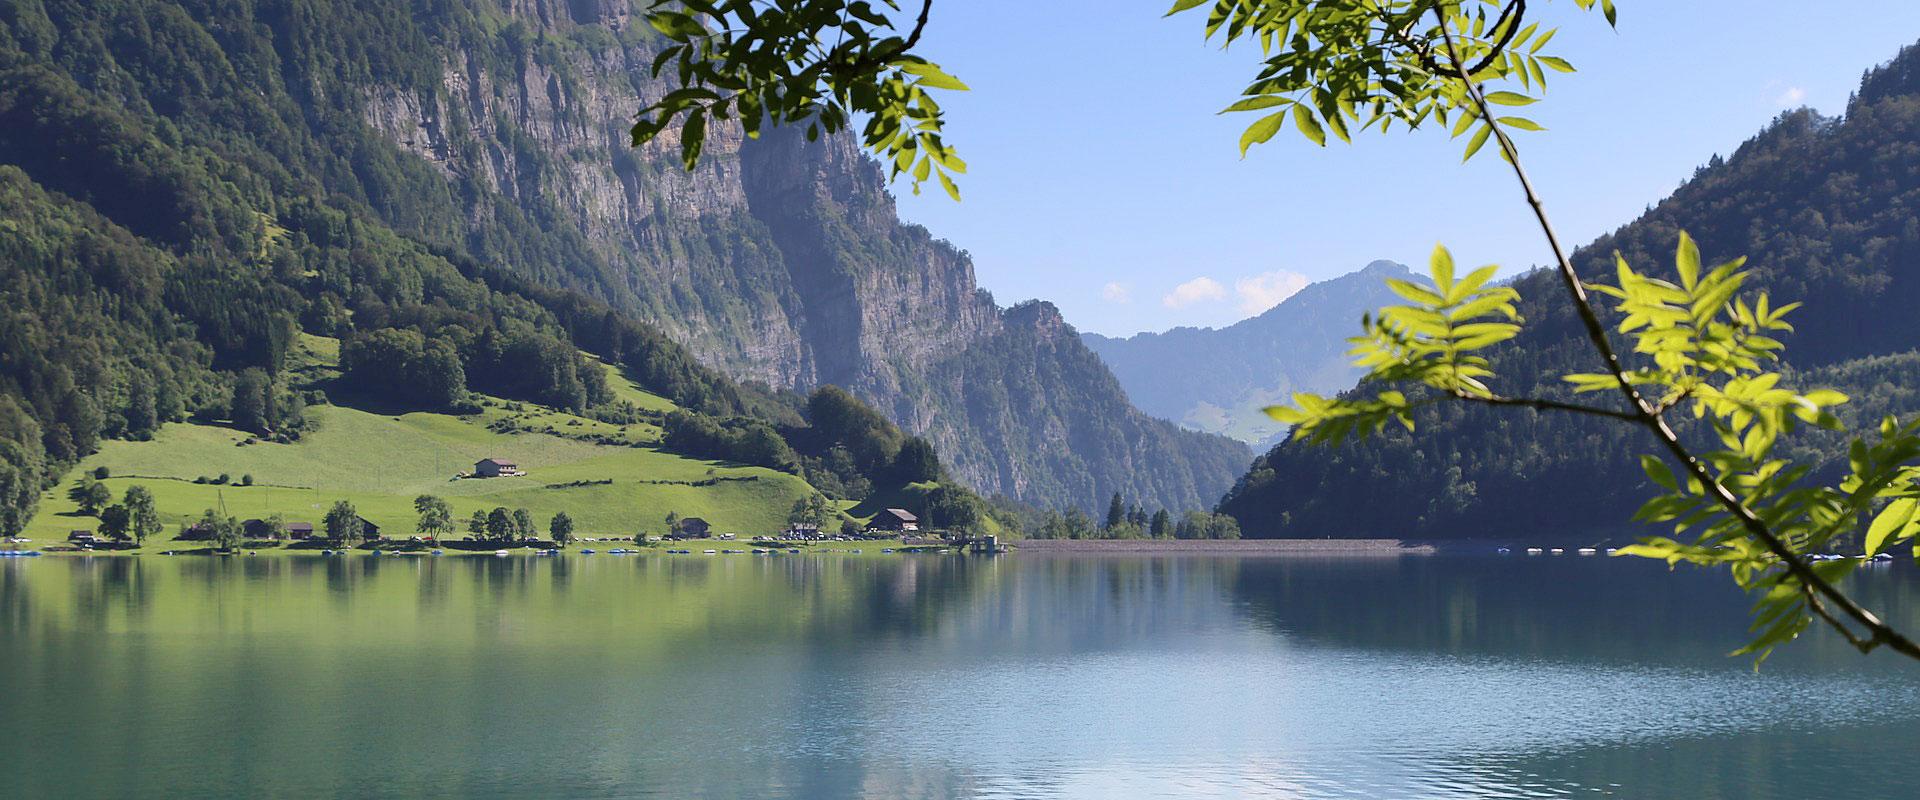 Klöntalersee im Kanton Glarus